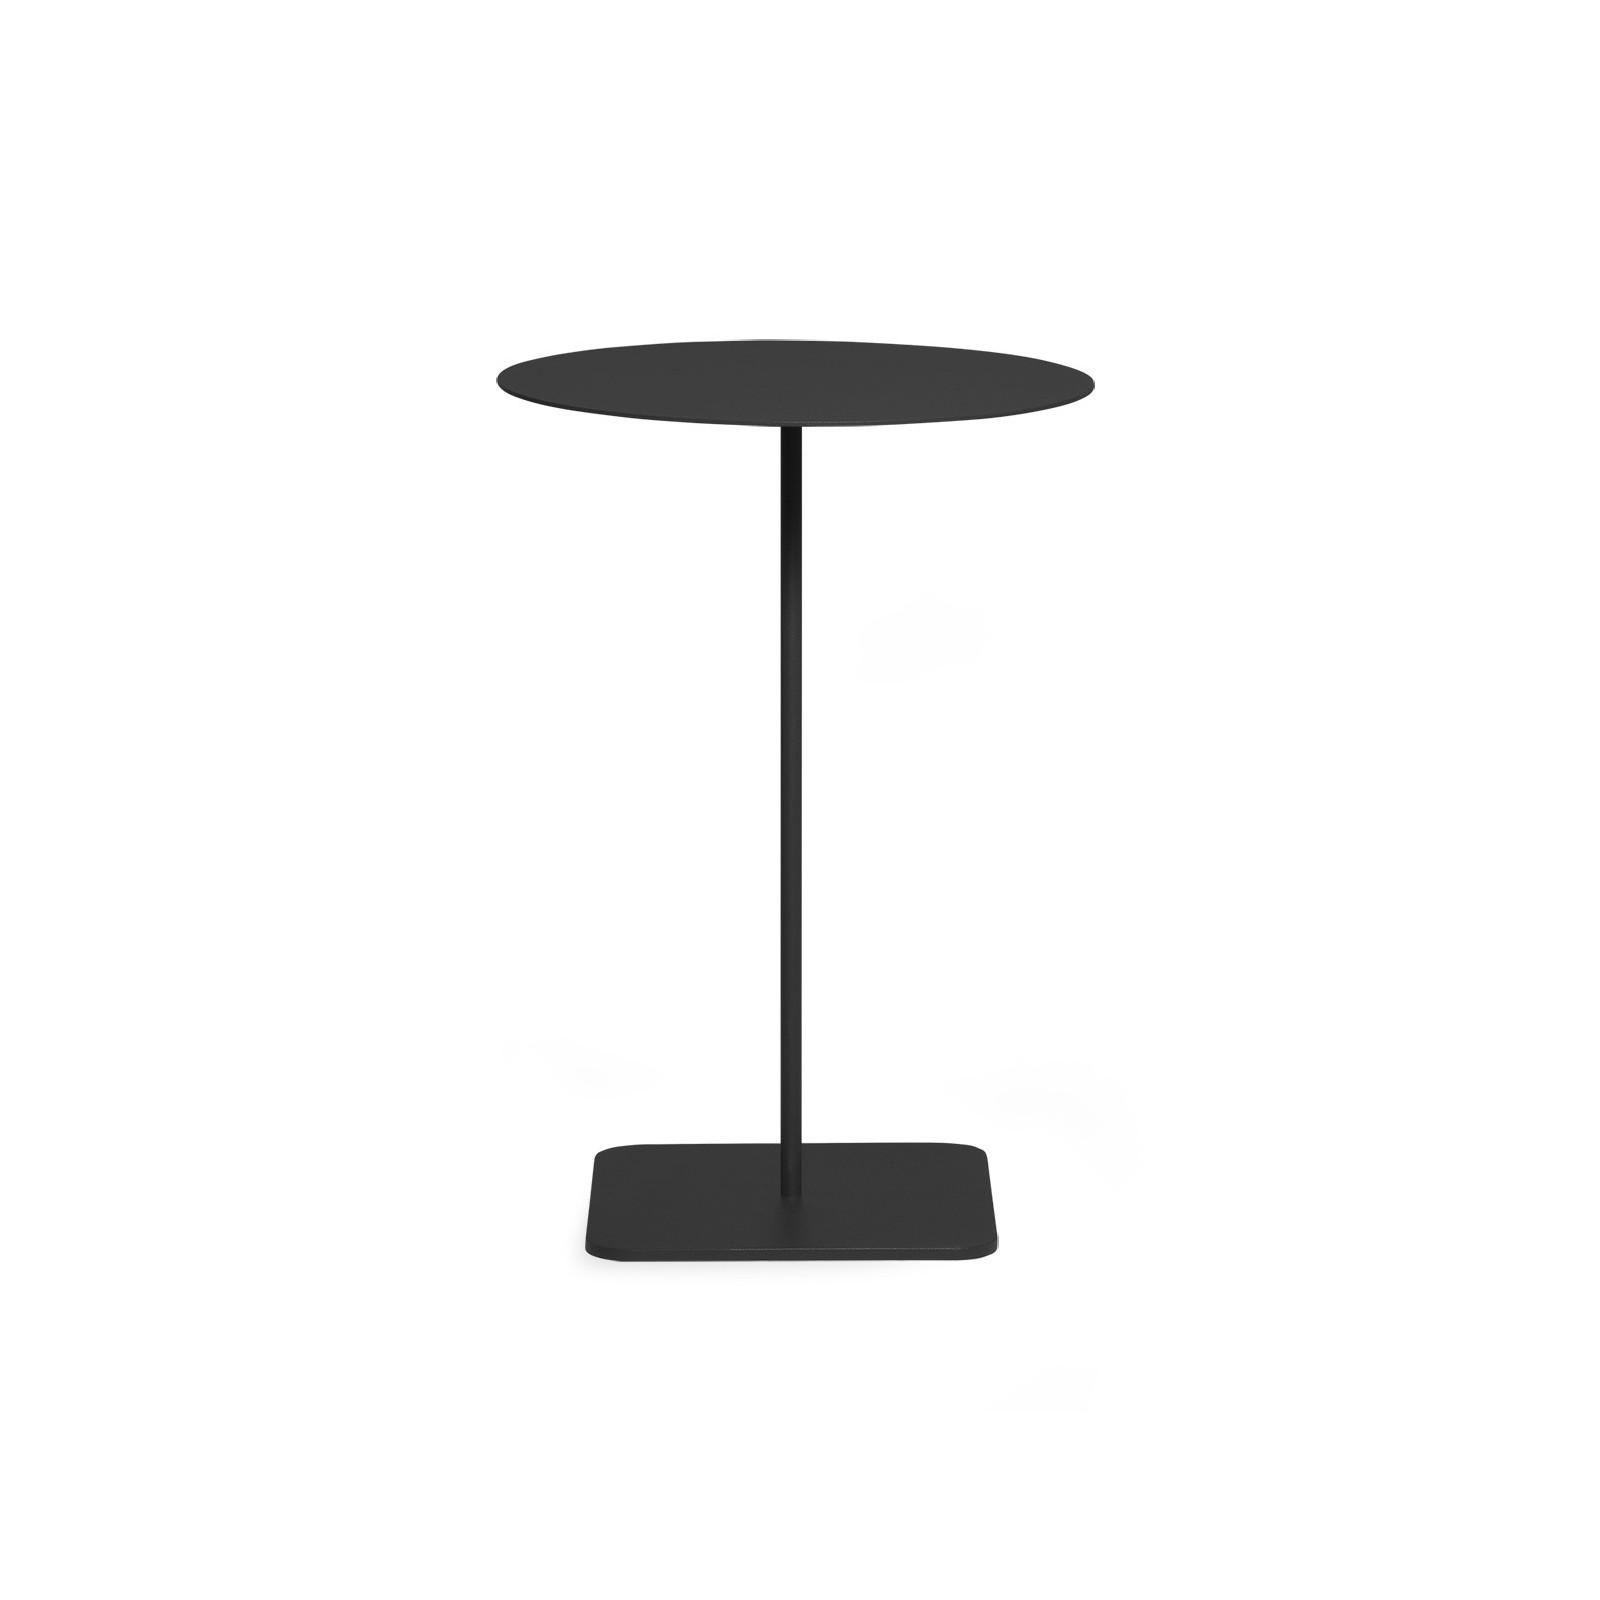 Stolik Mesita - 57 - czarny